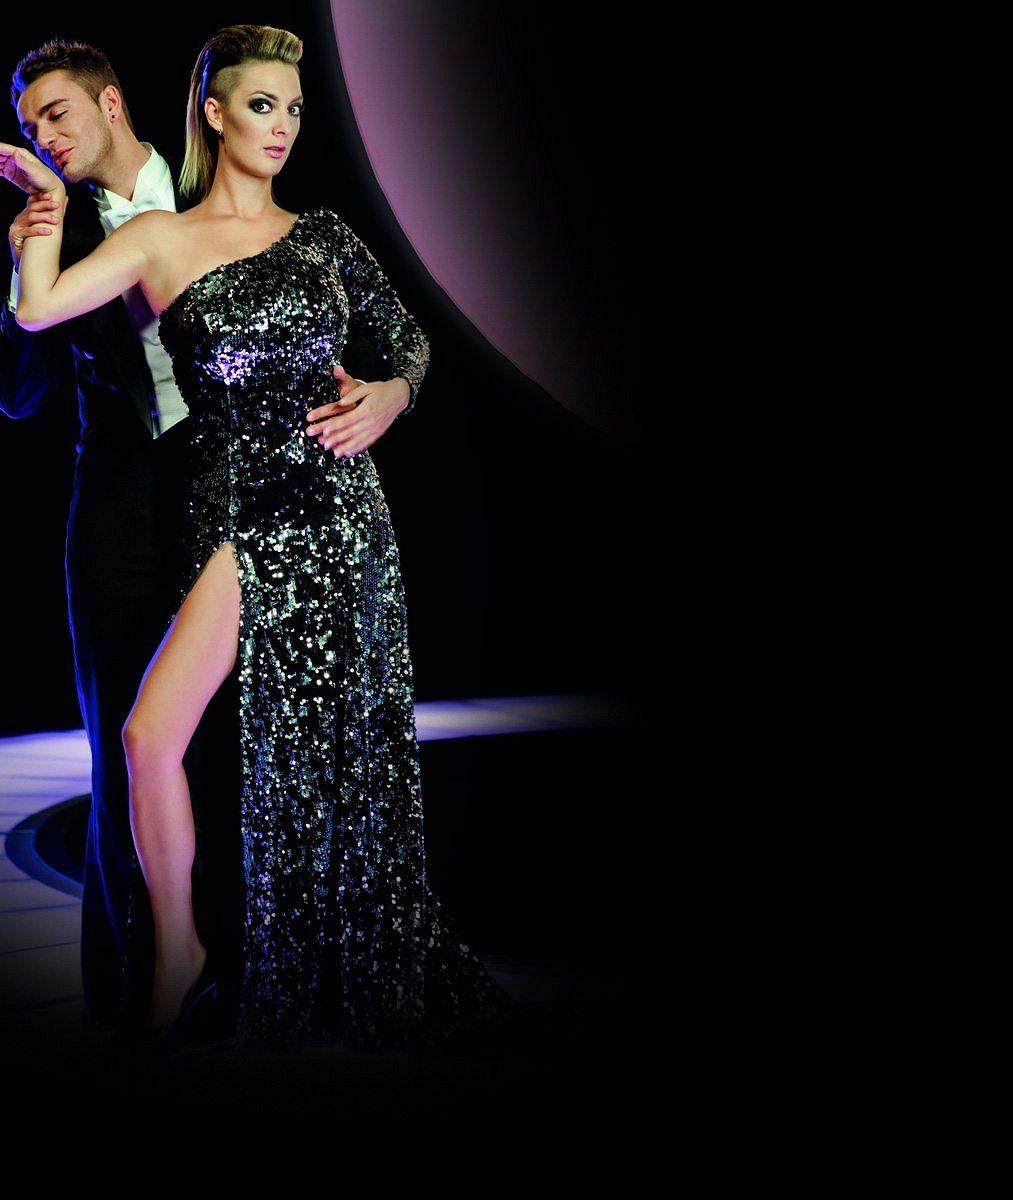 Radost pohledět: Tancem vytrénovaná Bára Poláková předvedla své štíhlé nohy všatech těsně pod zadek